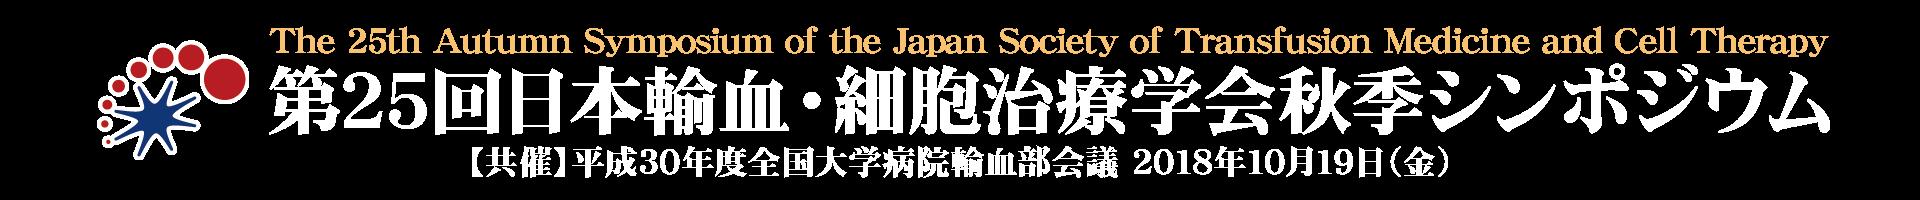 参加者へのお知らせ   第25回日本輸血・細胞治療学会秋季 ...